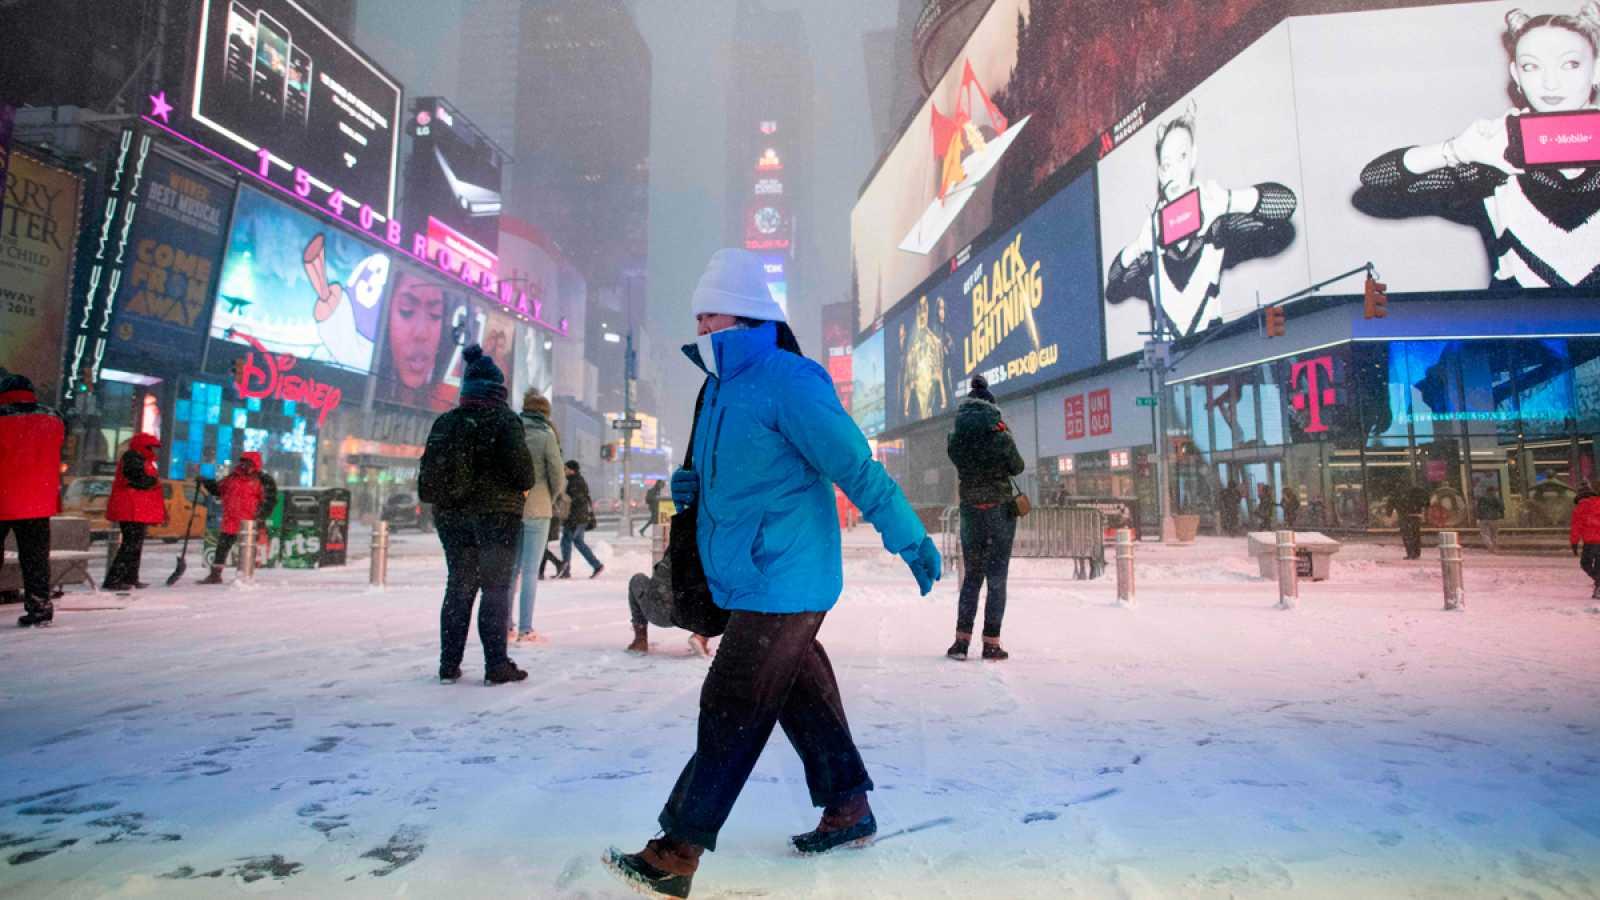 Para todos los públicos La ola de frío polar en EE.UU. deja ya 16 muertos  en todo reproducir video f1f1d49b914